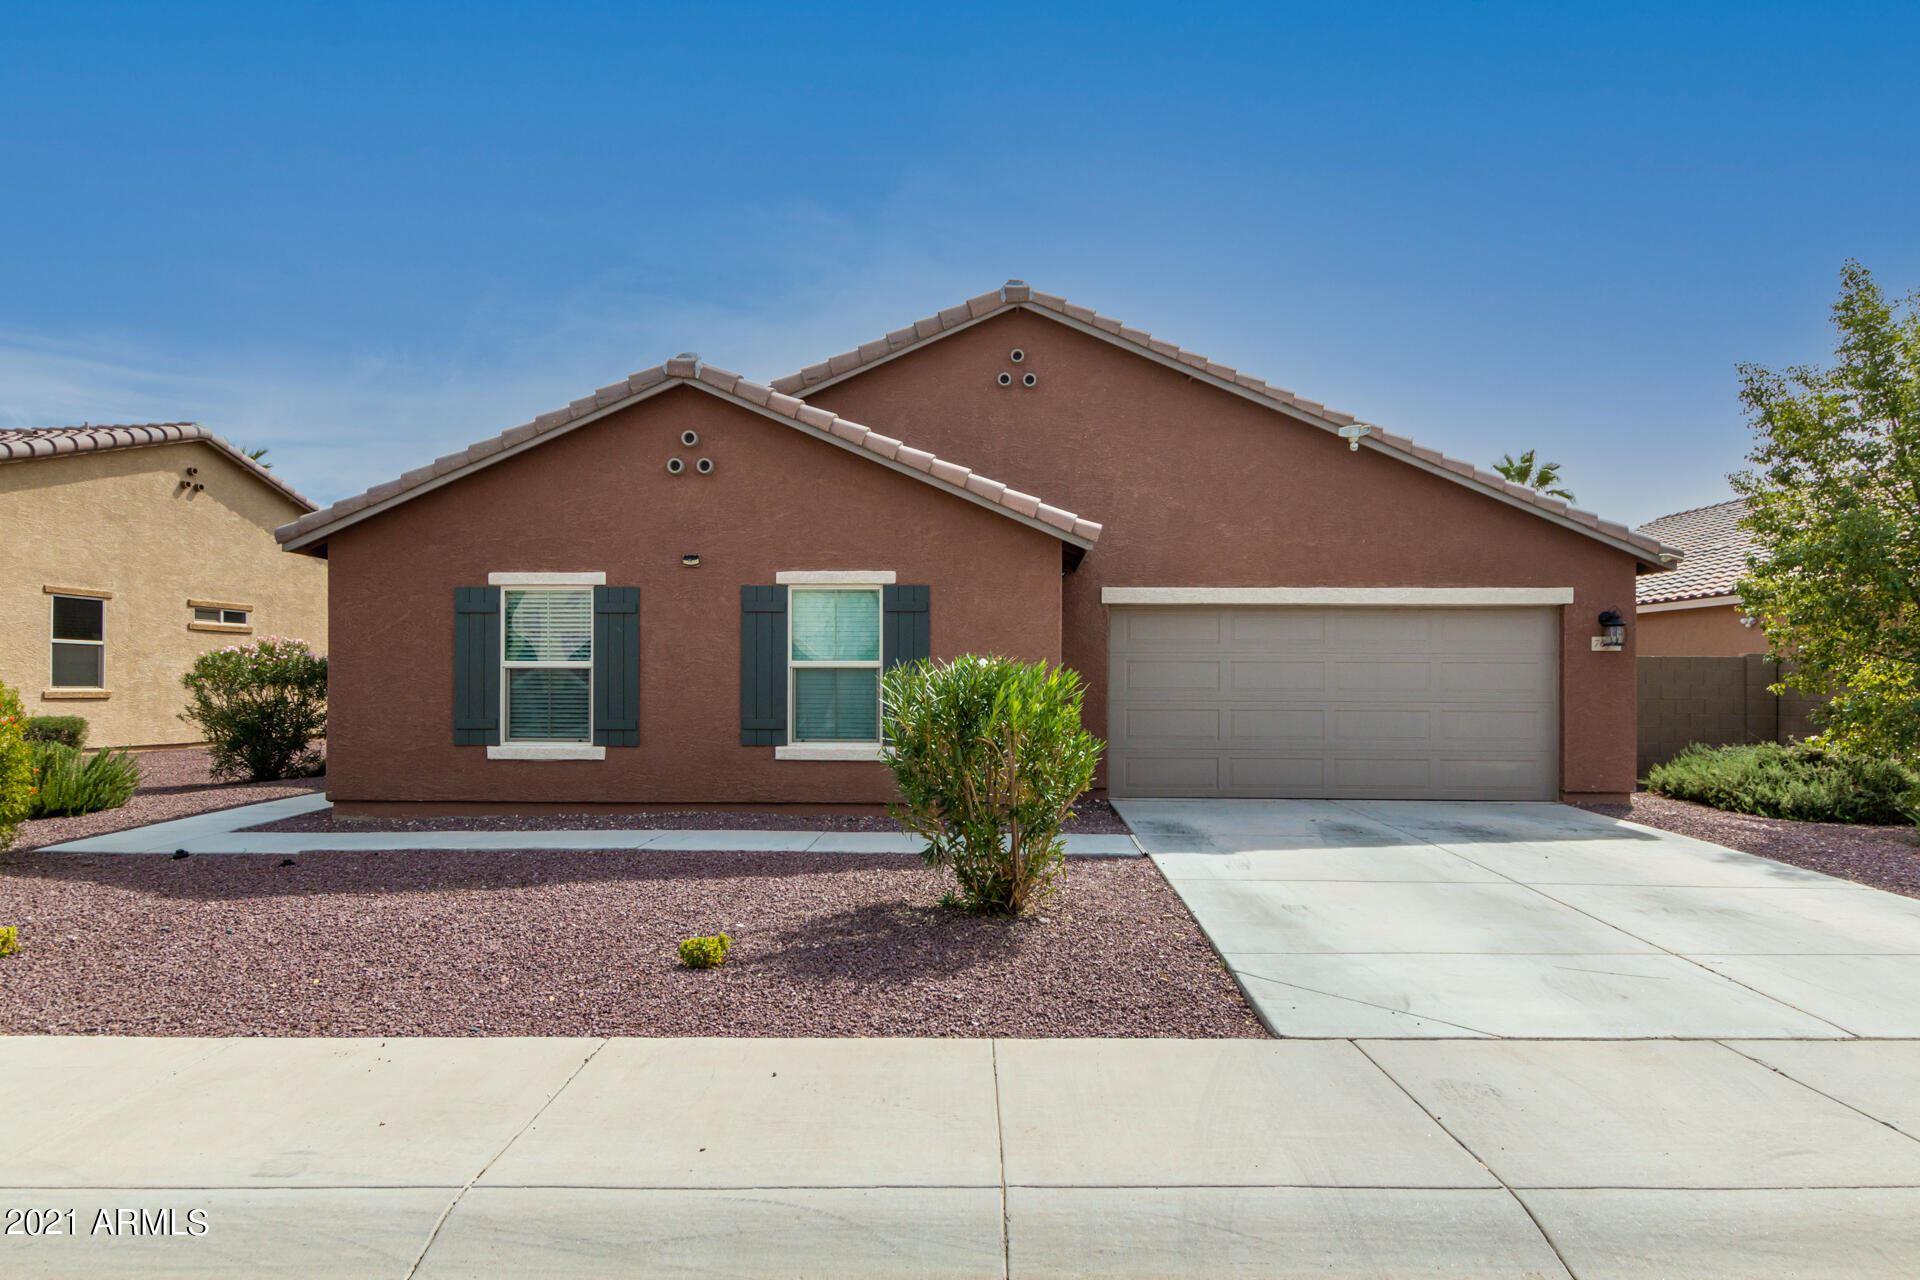 Photo of 7607 W St Kateri Drive, Laveen, AZ 85339 (MLS # 6304675)